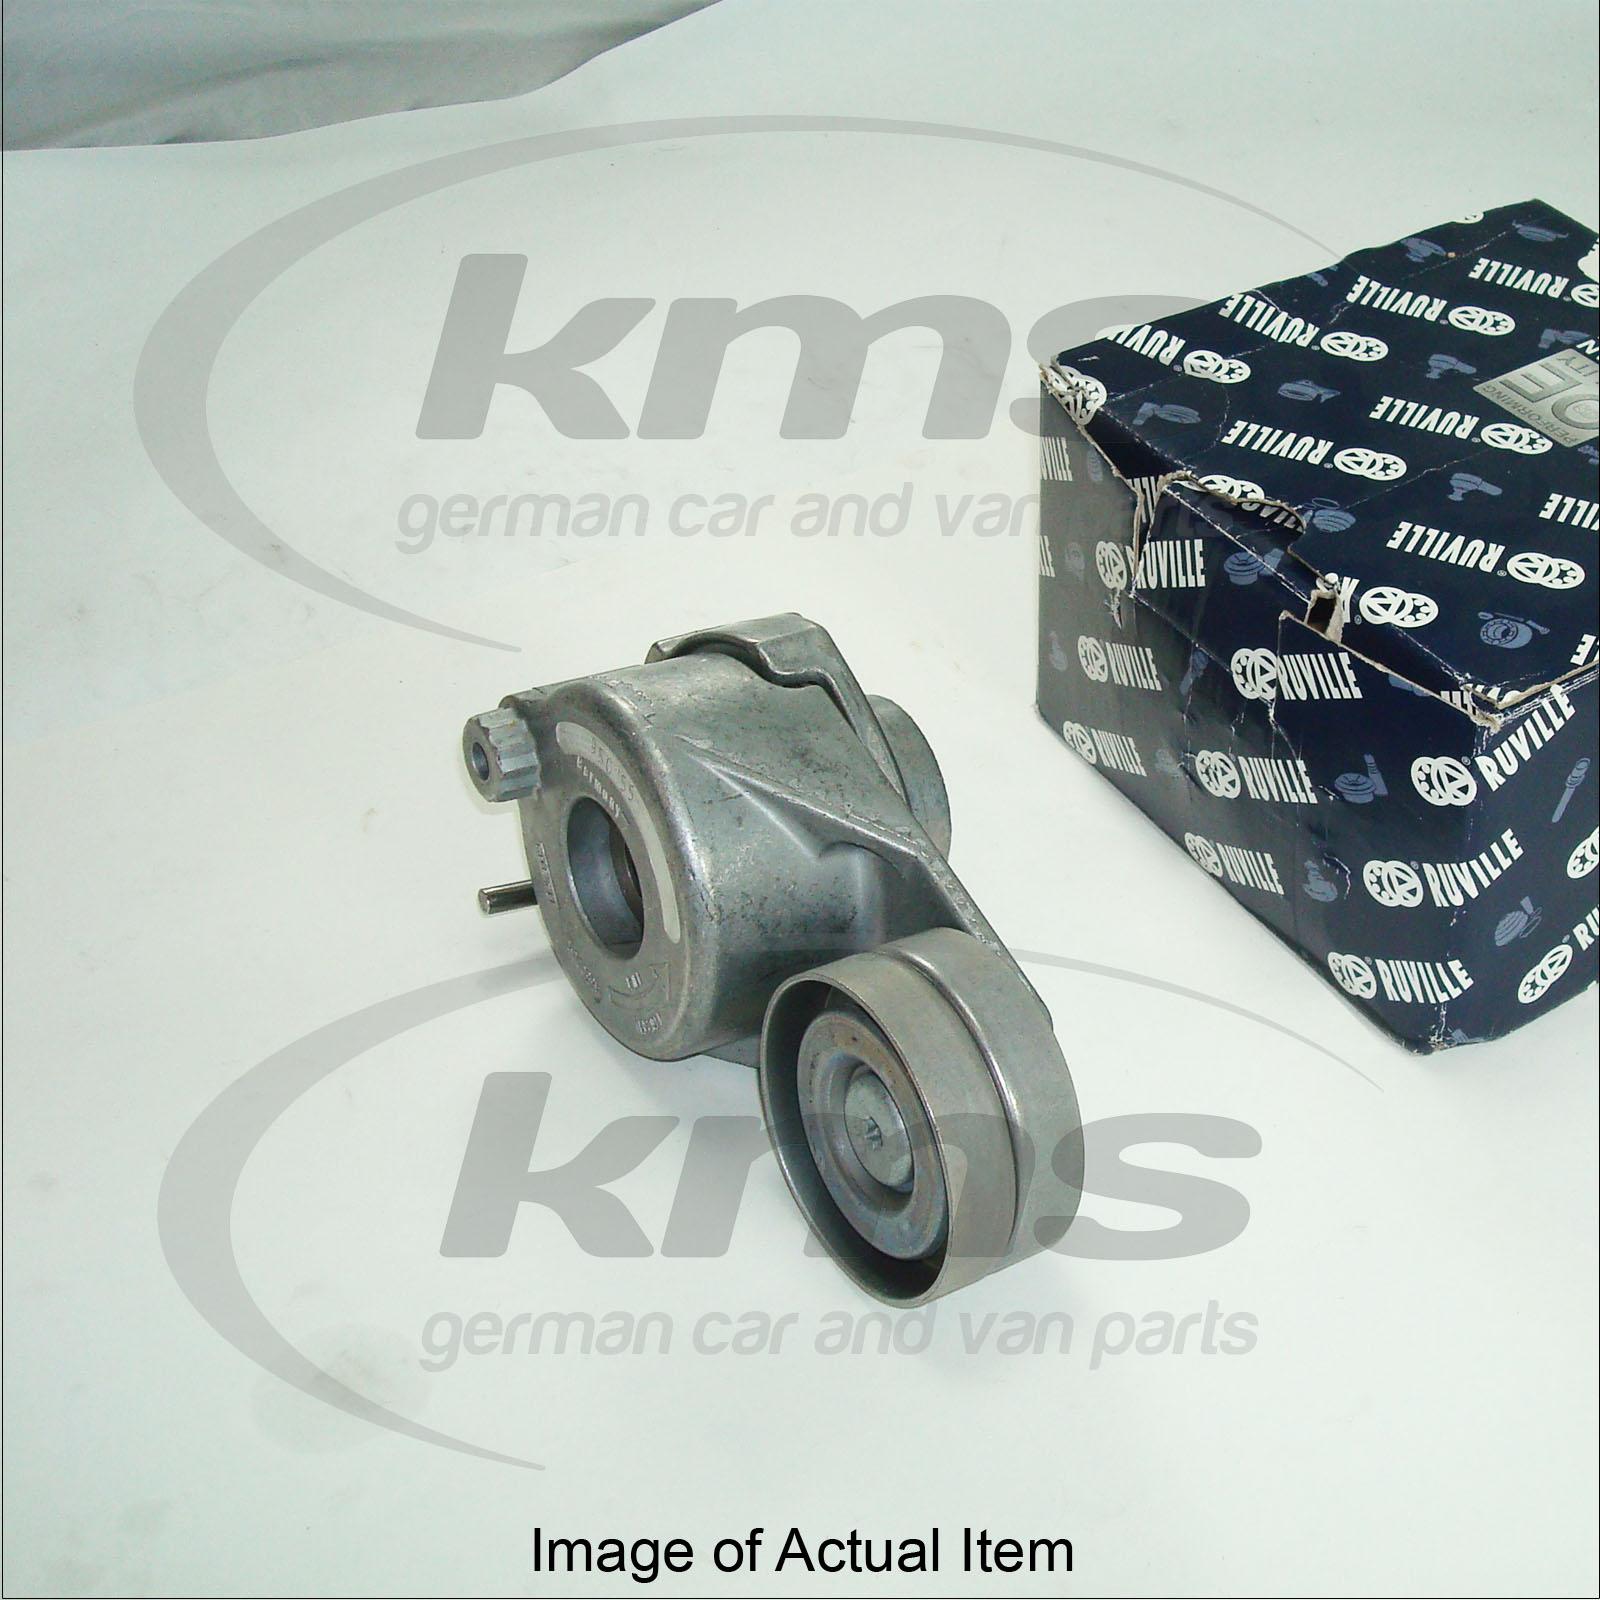 Poly v belt tensioner most mercedes 06 m642 mercedes c for Poly v belt for mercedes benz